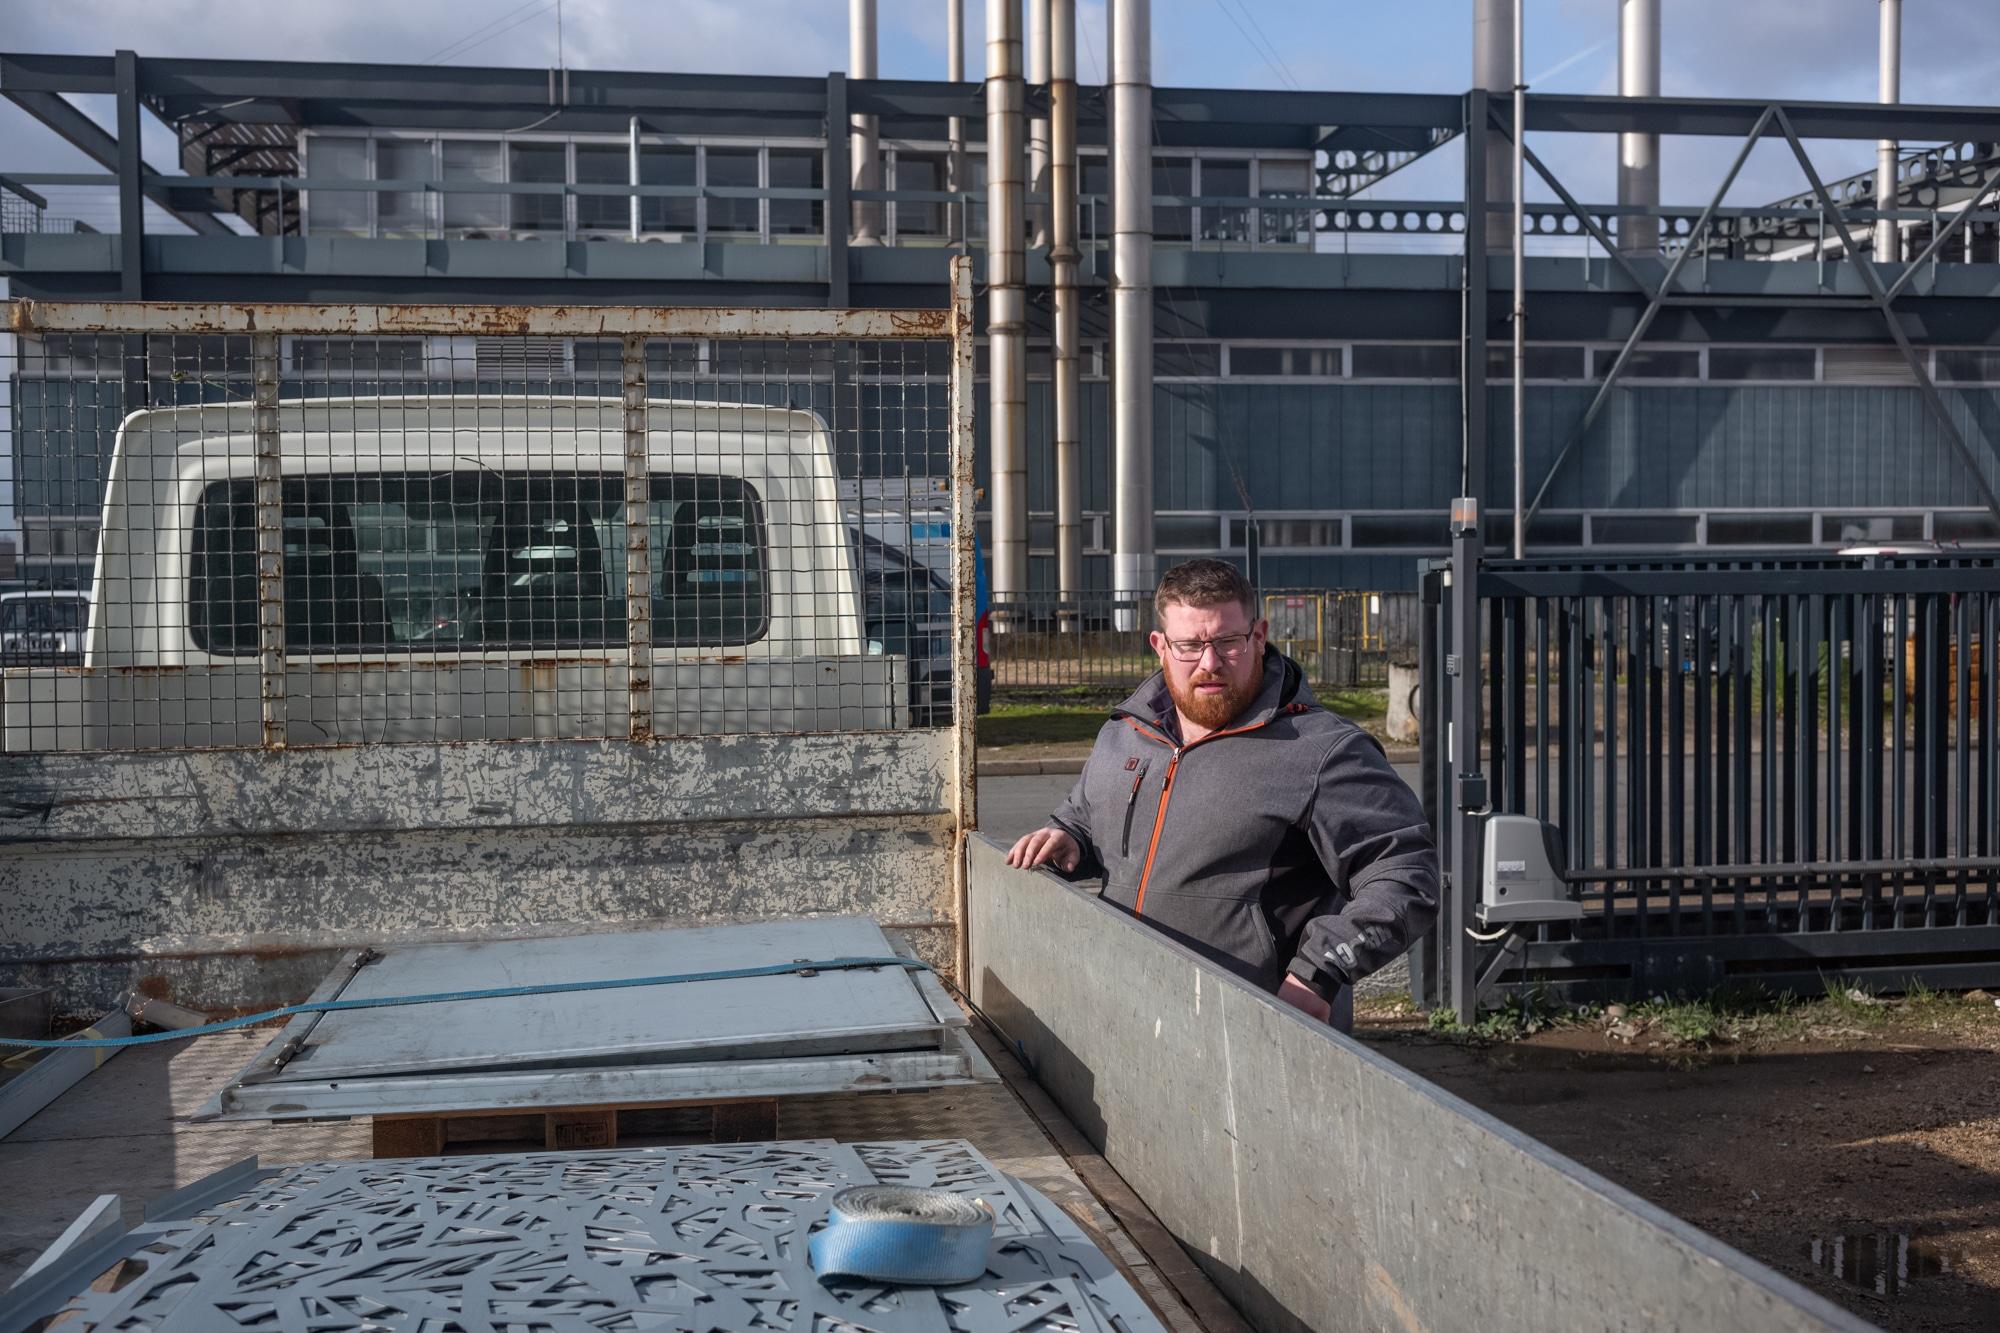 Debout à côté de son camion, situé devant un bâtiment industriel, Arnaud examine le contenu qu'il transporte